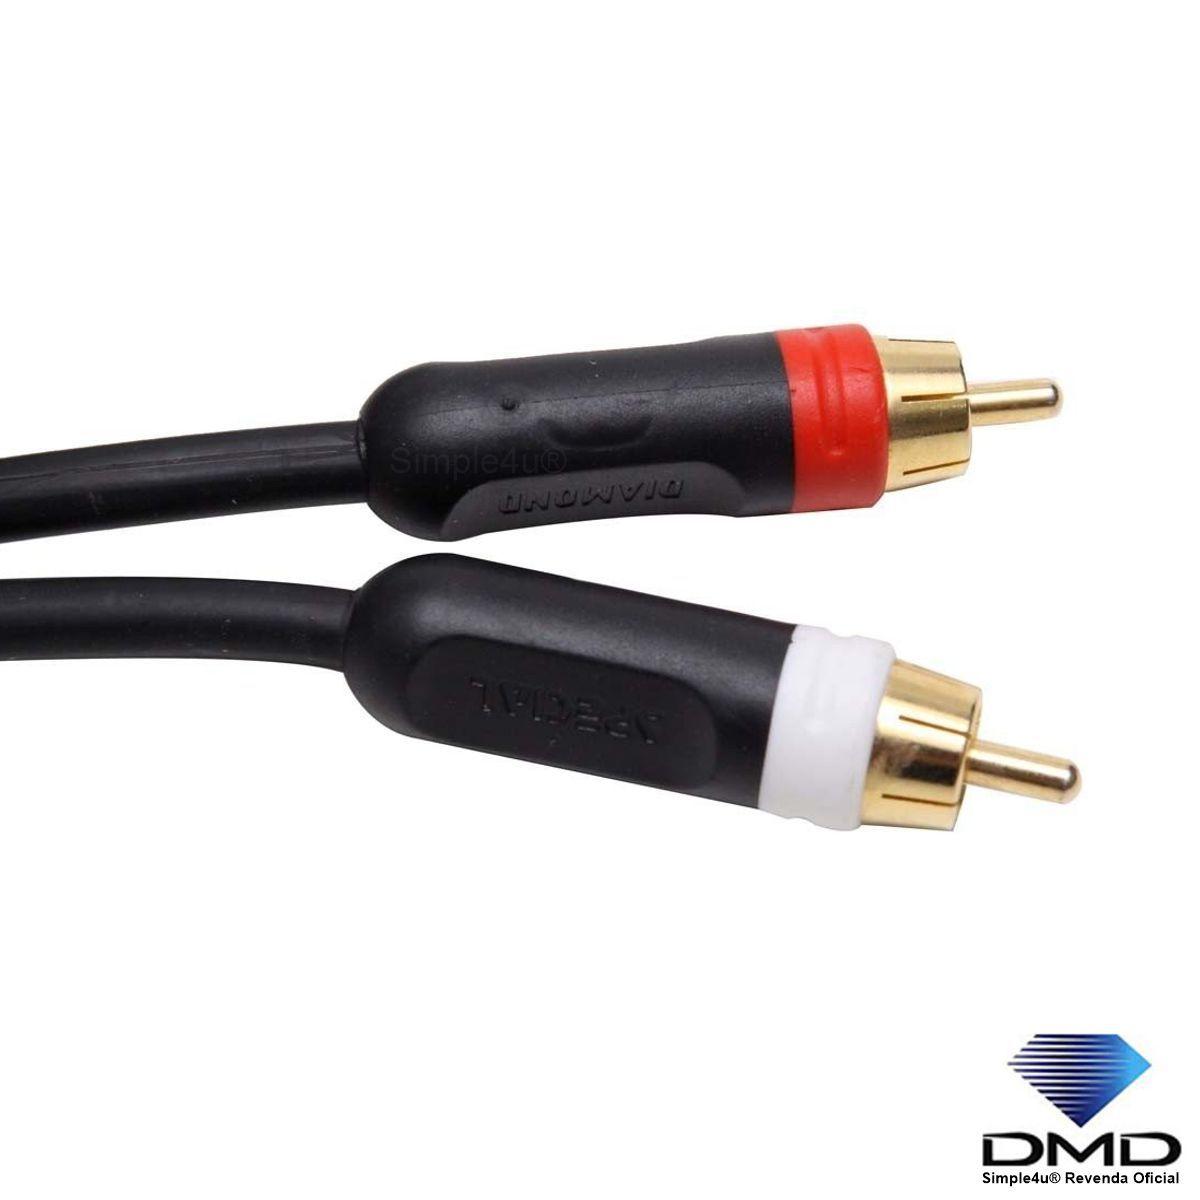 Cabo de Áudio Estéreo RCA Linha SPECIAL Series JX-1055/3,0M DMD Diamond Cable